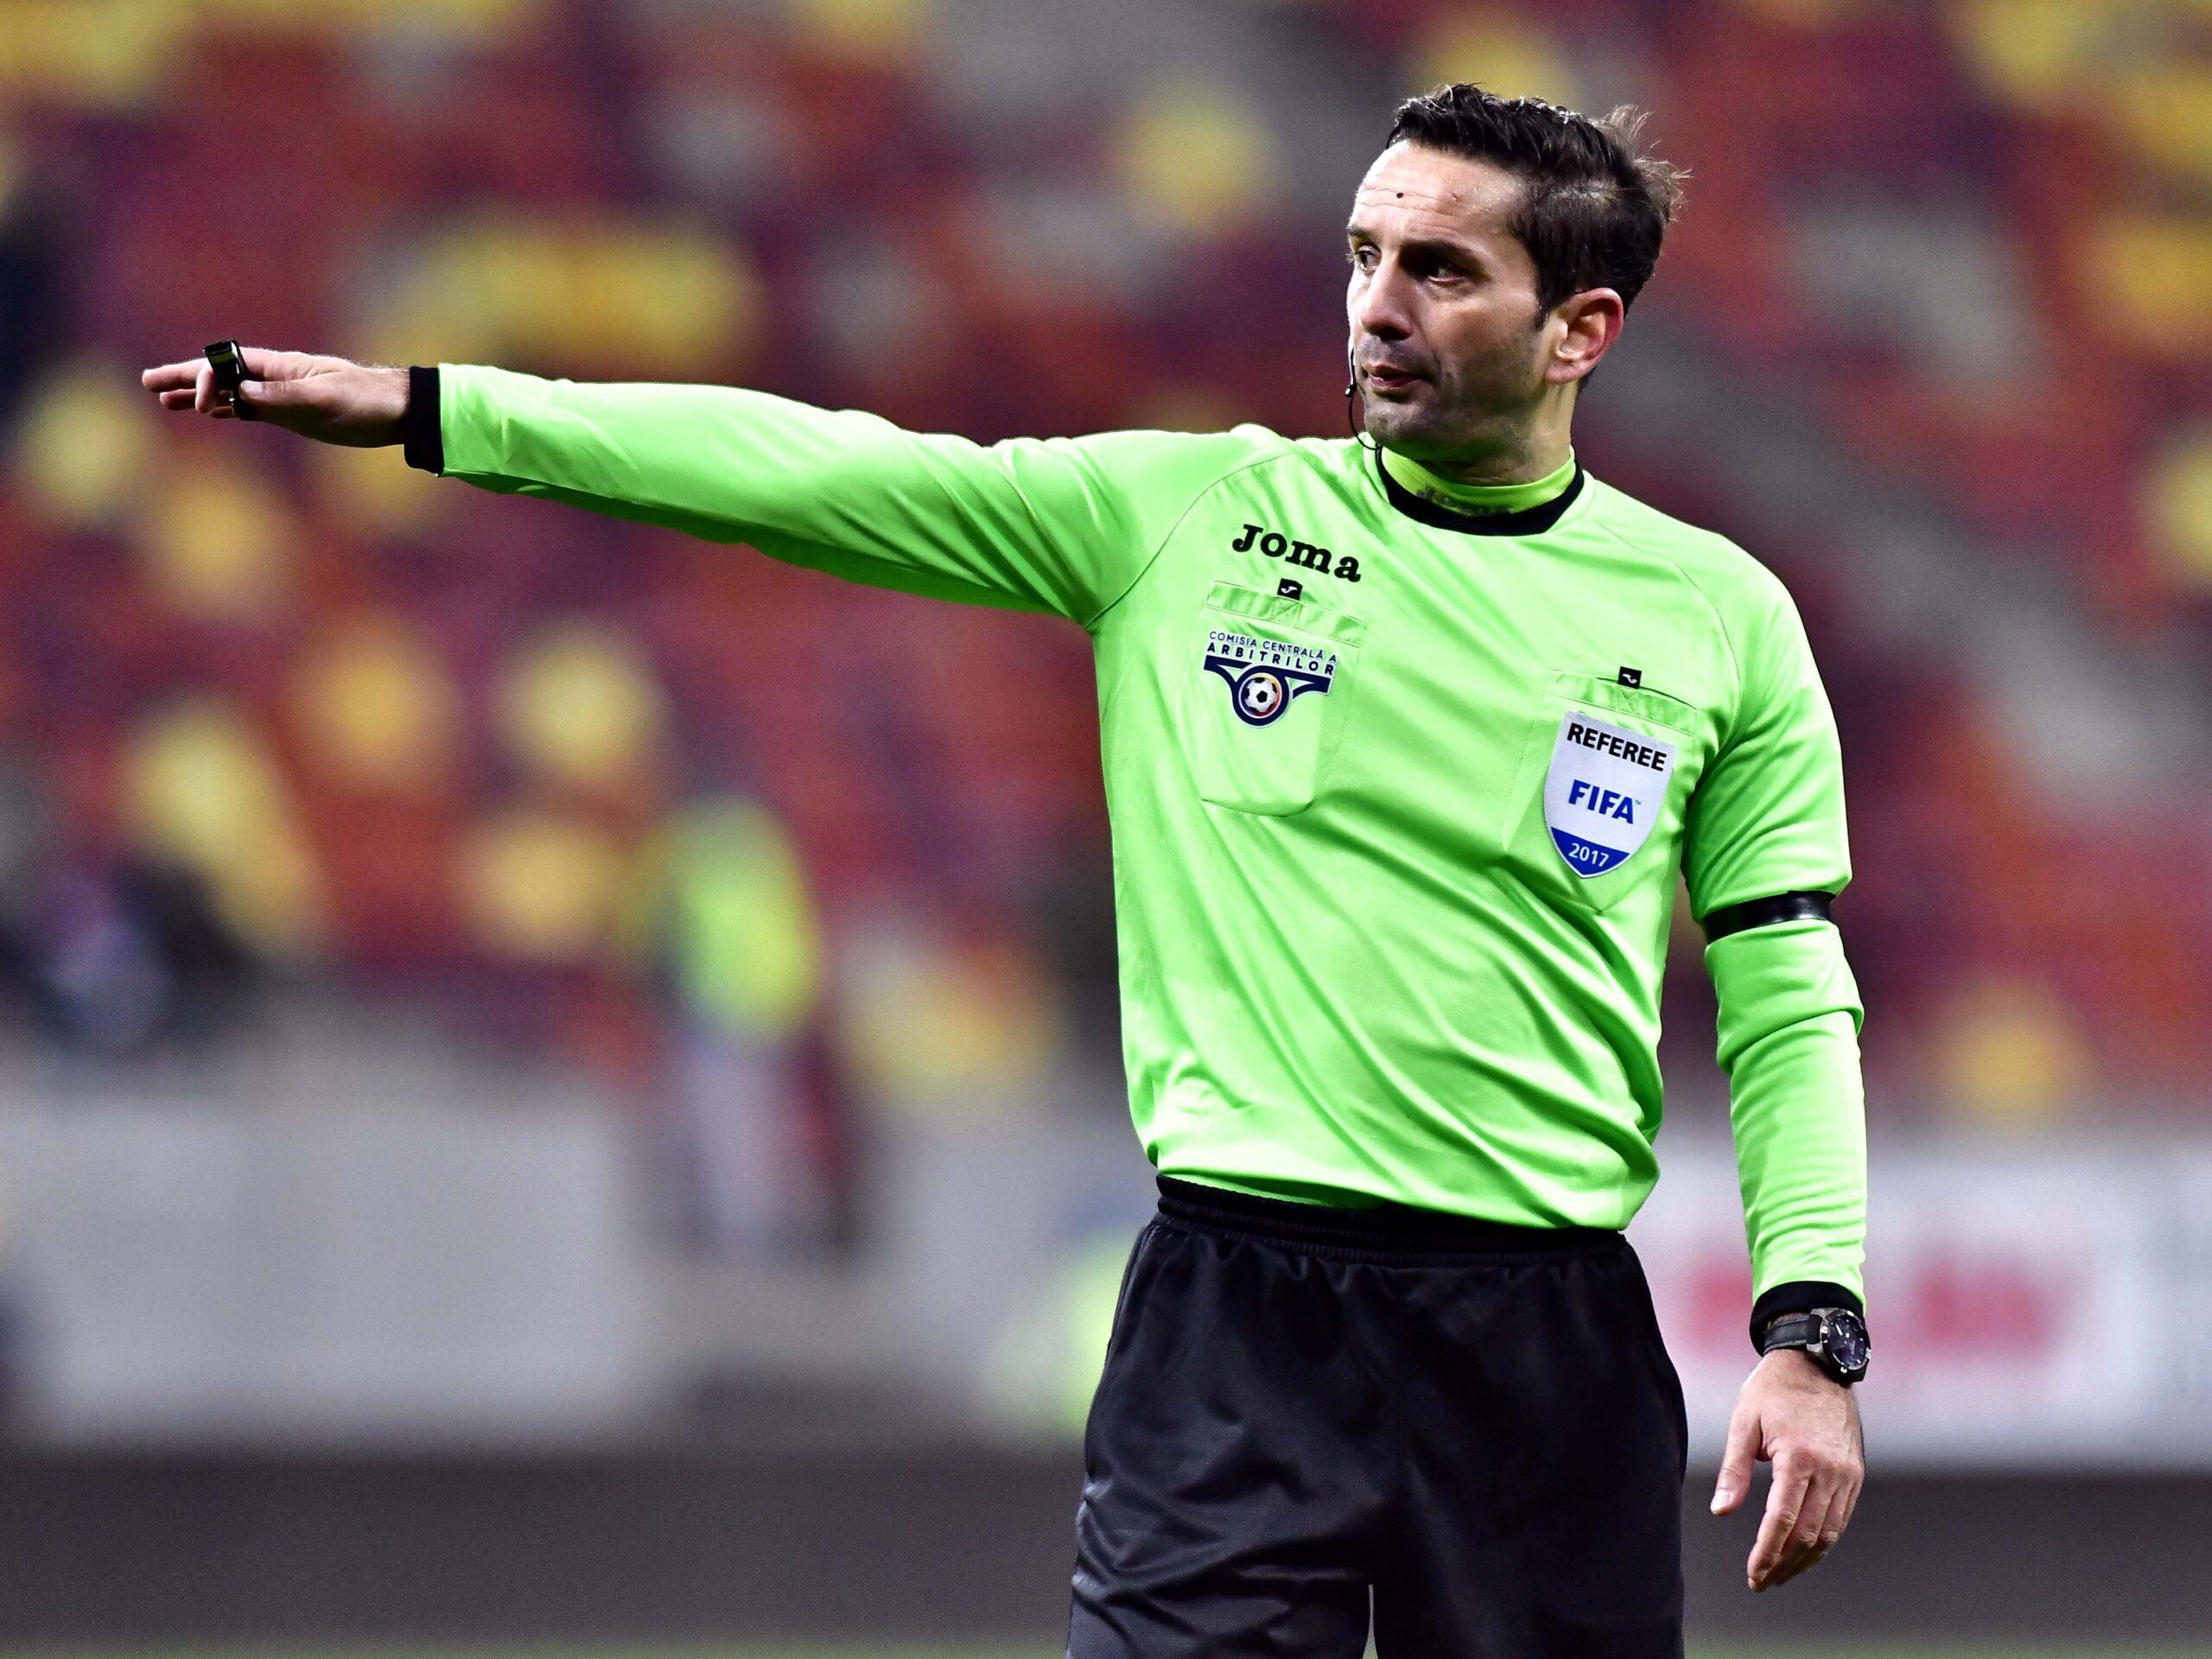 Surpriză UEFA! Decizie neașteptată pentru Colțescu, după scandalul de rasism